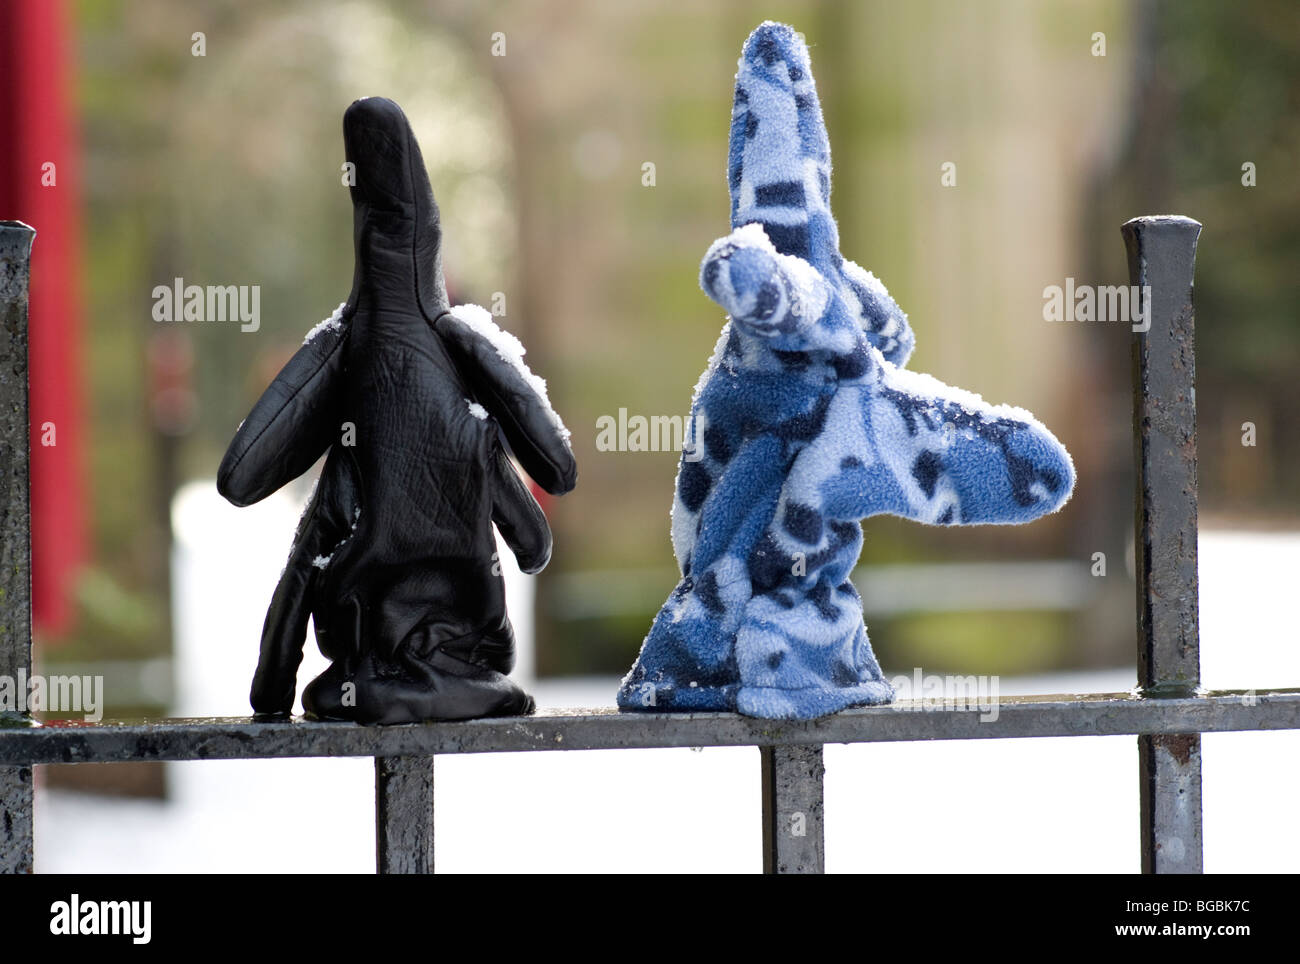 Handschuhe auf Geländer im Schnee verloren Stockbild